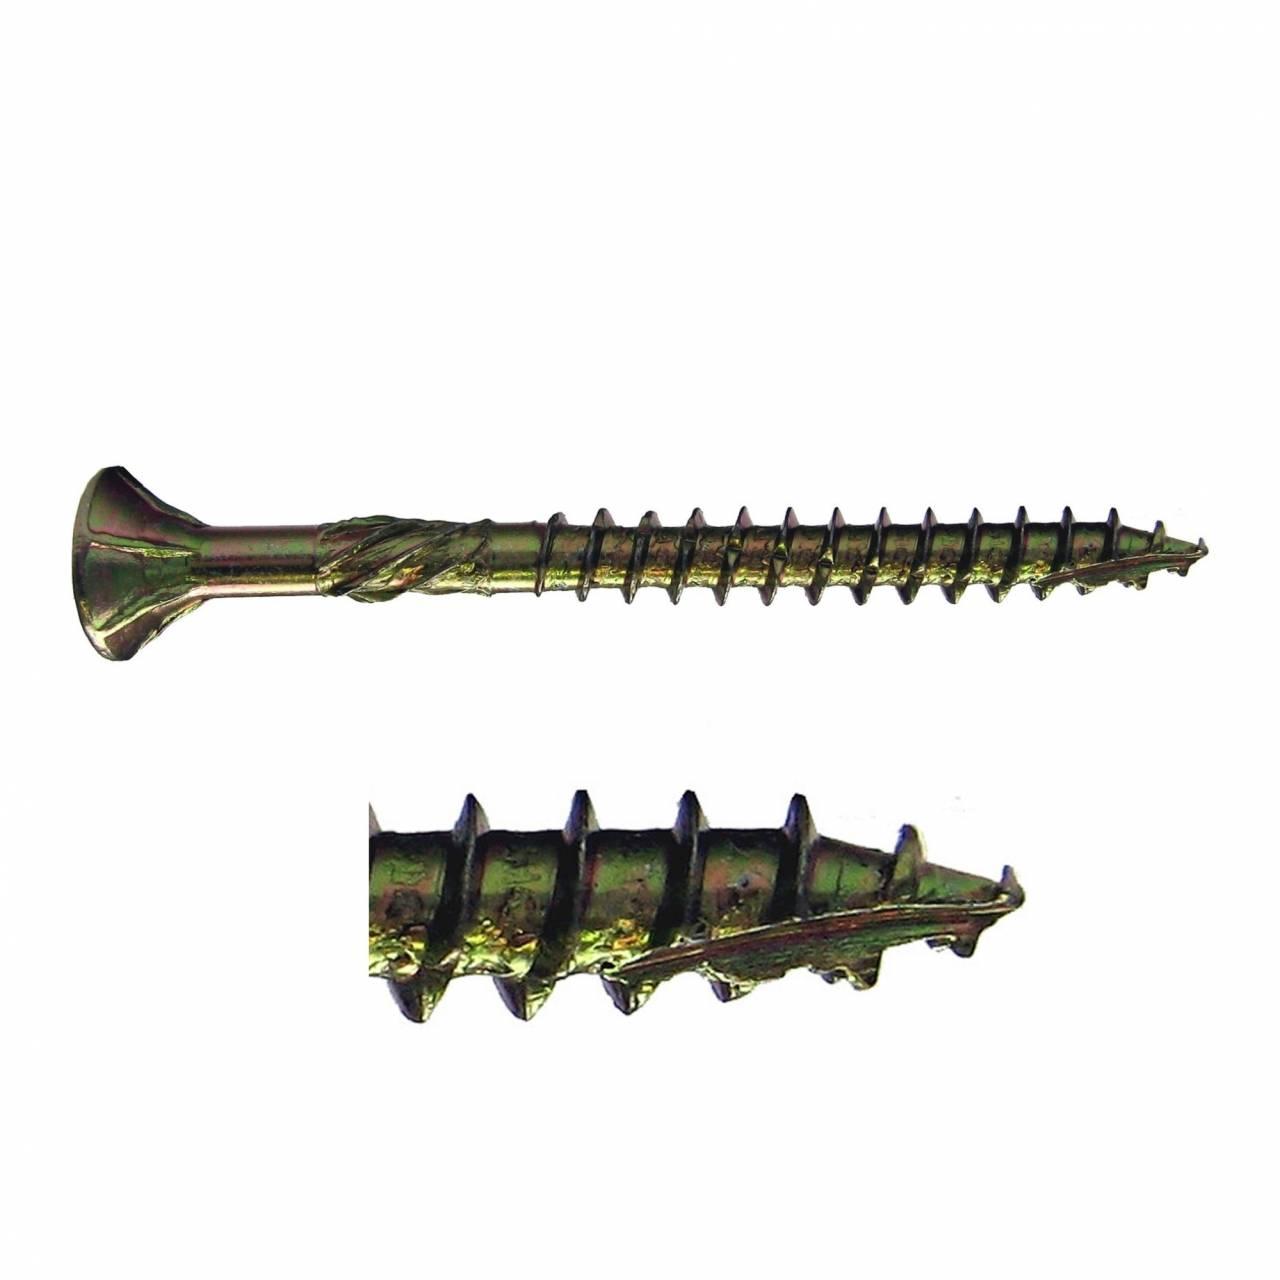 Holz-Frässchraube vz Seko 6,0 x 180 mm / Pck a 100 Stück